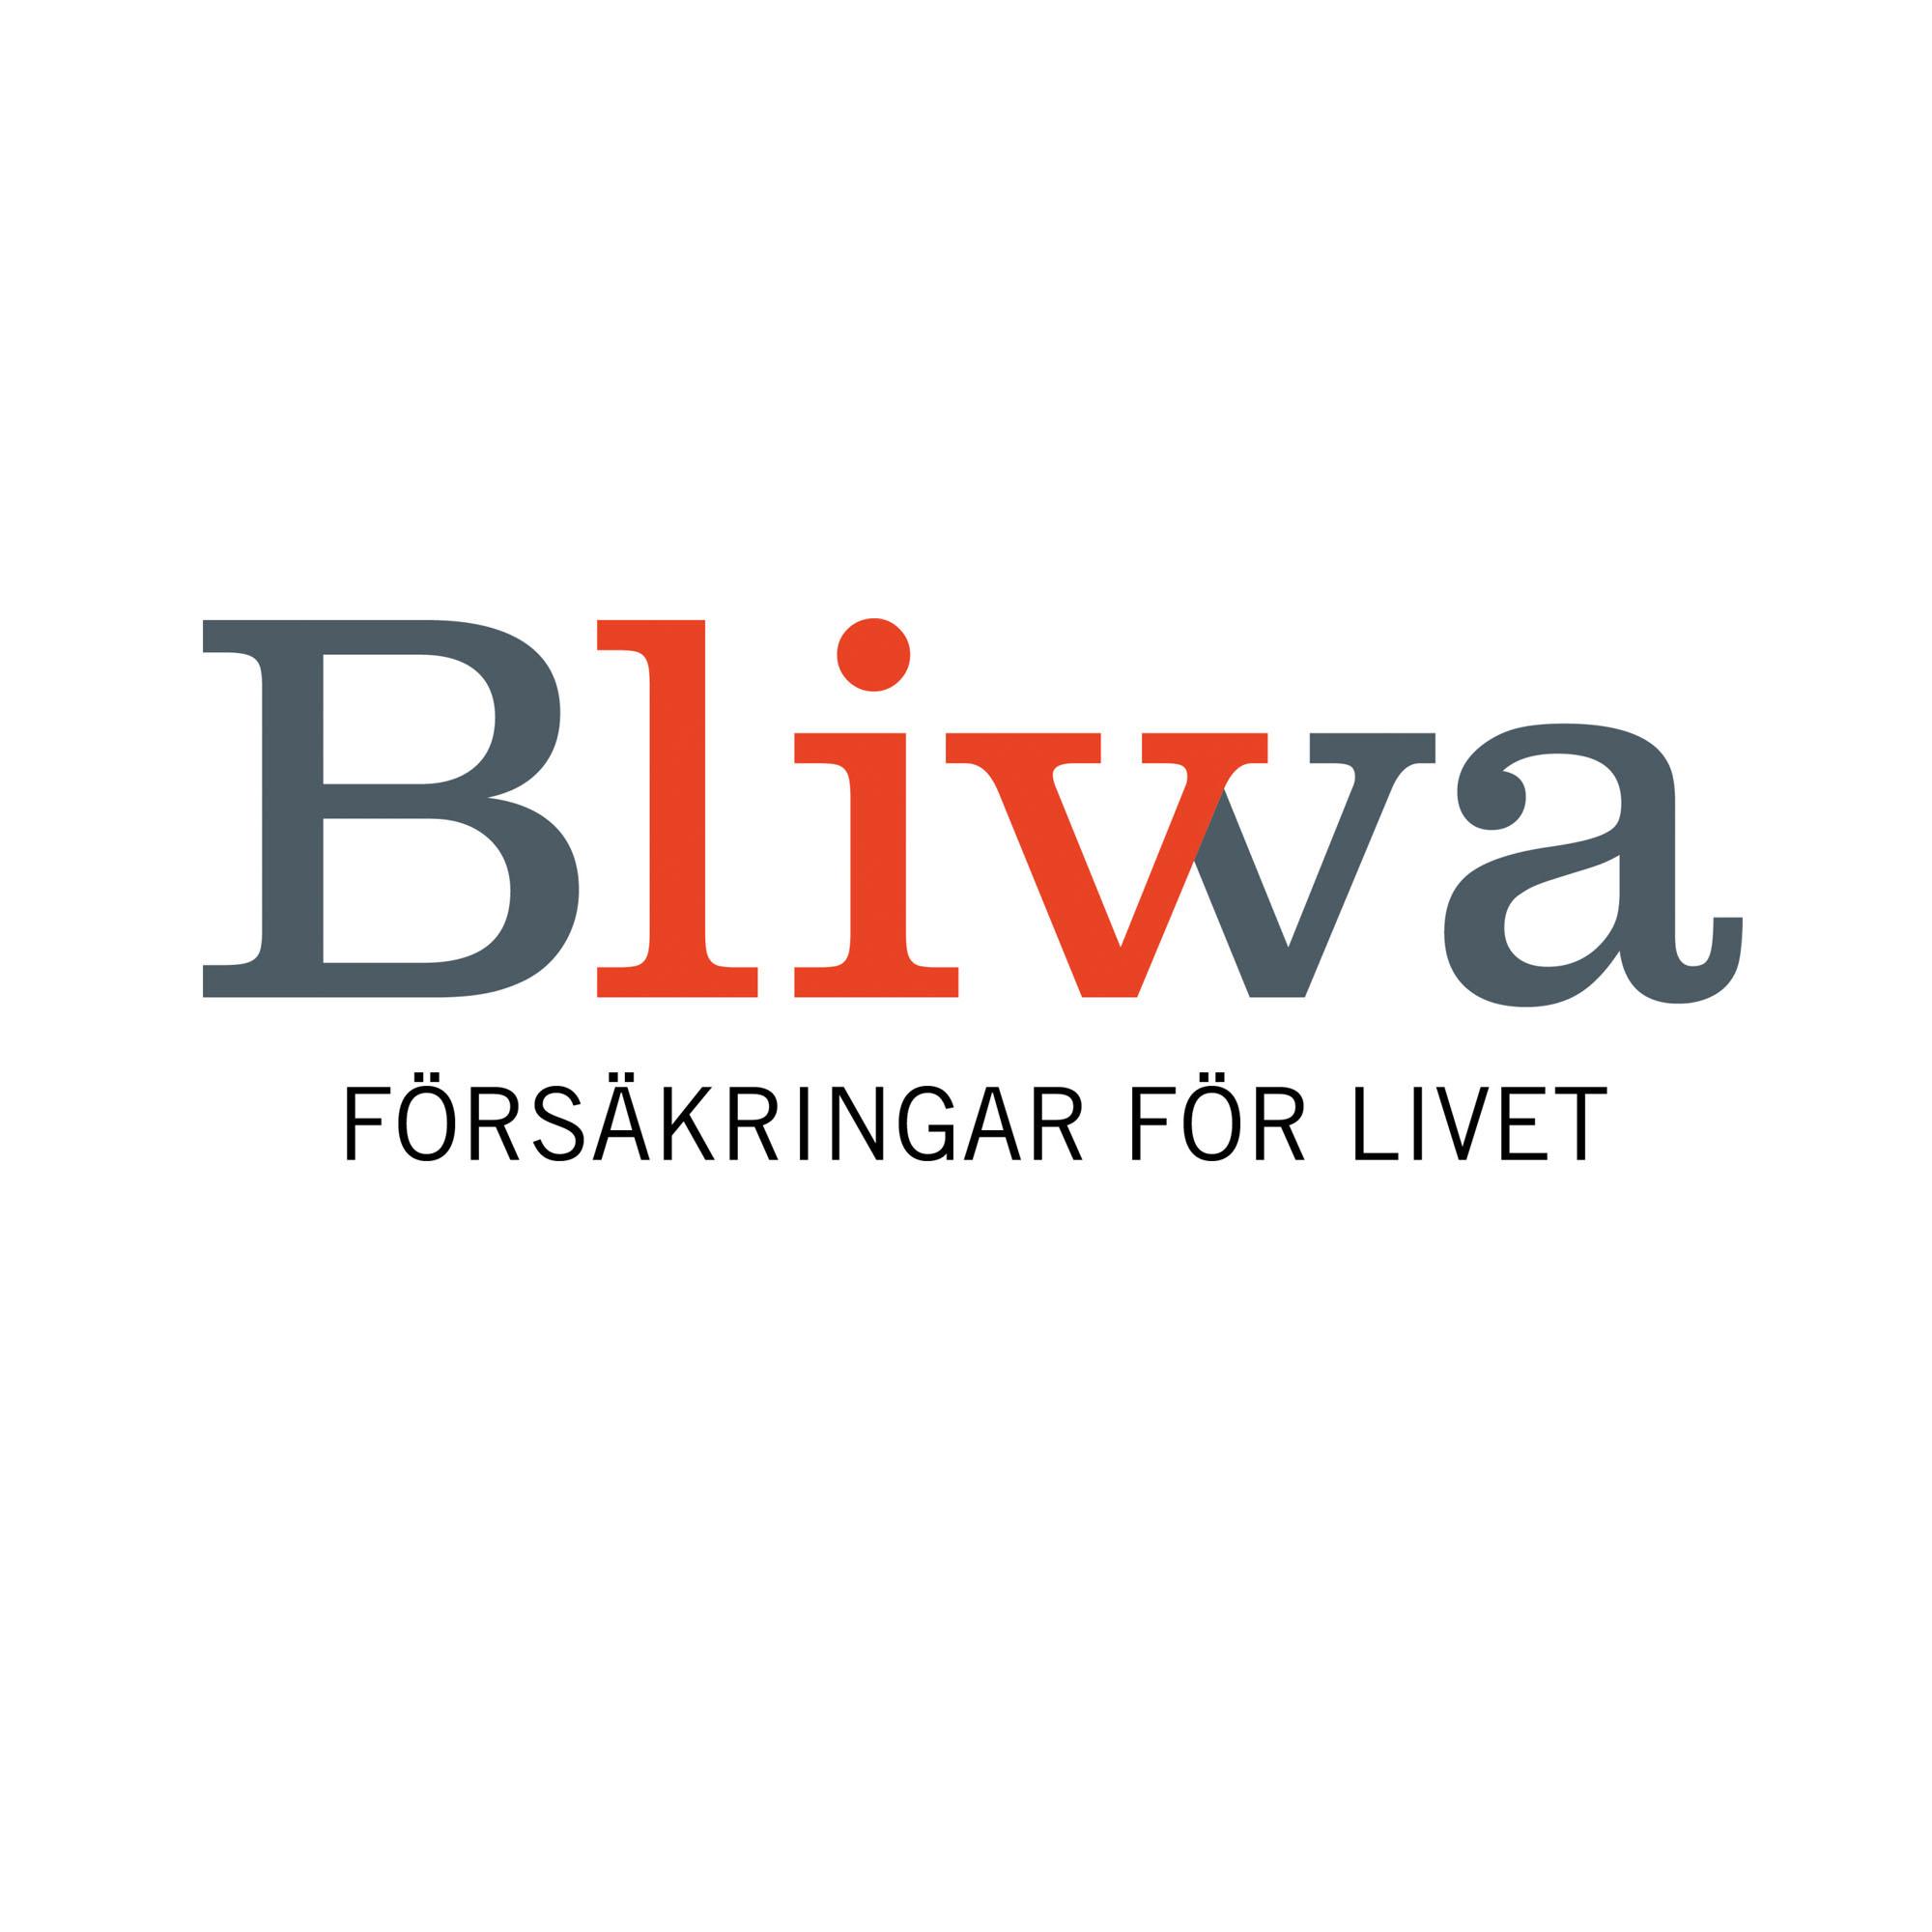 Bliwa Försäkringar    Kontakta Bliwas sjukvåprdsplanering på     0771-  108 108     om du har sjukvårdsförsäkring tecknad hos dem.